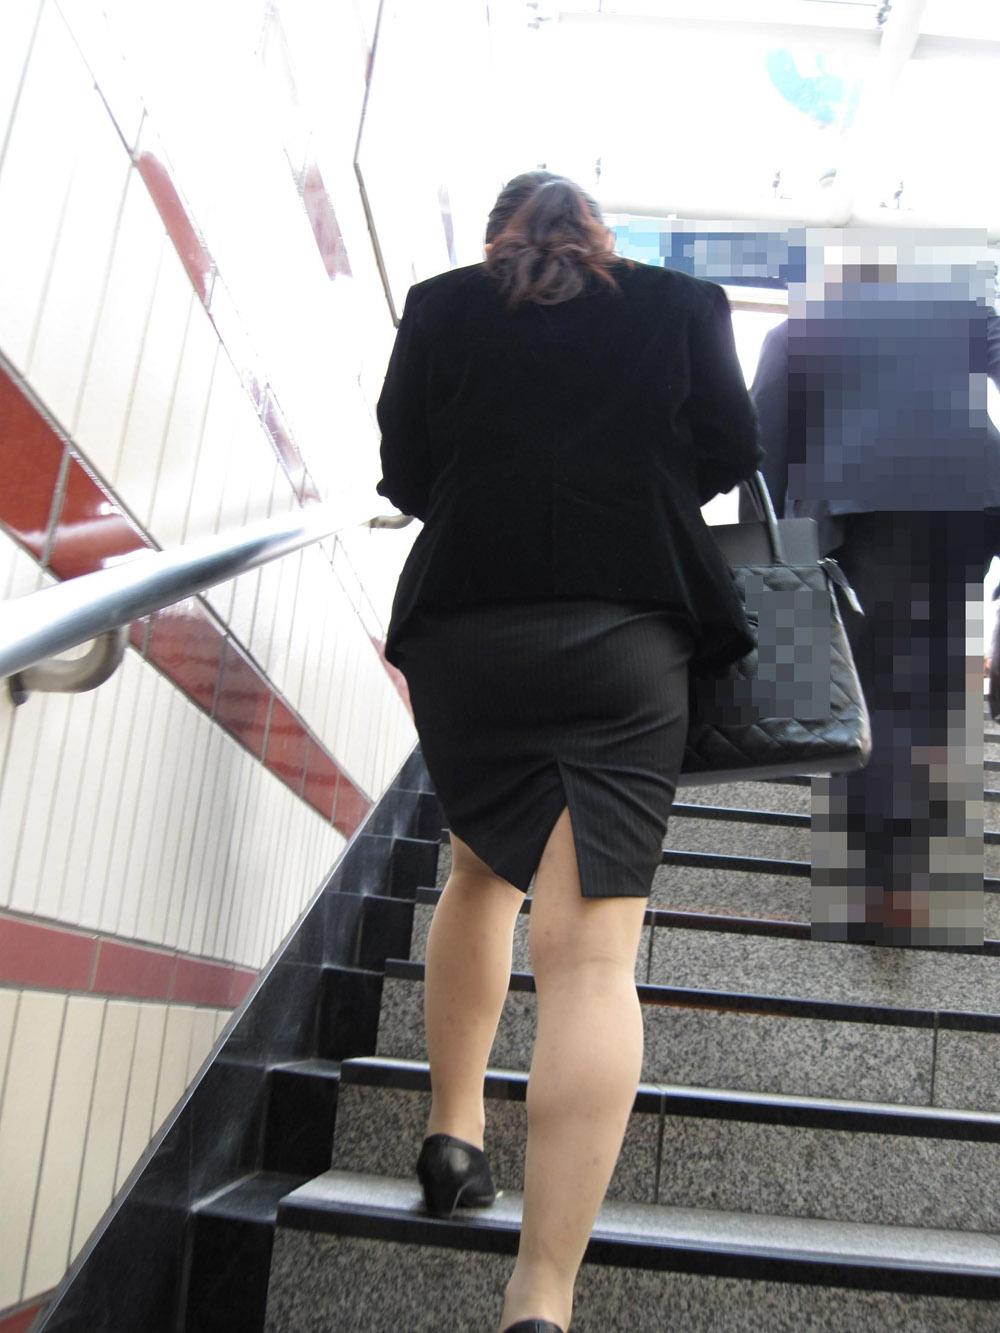 階段やエスカレーターで取ったタイトスカートのお尻街撮り素人エロ画像5